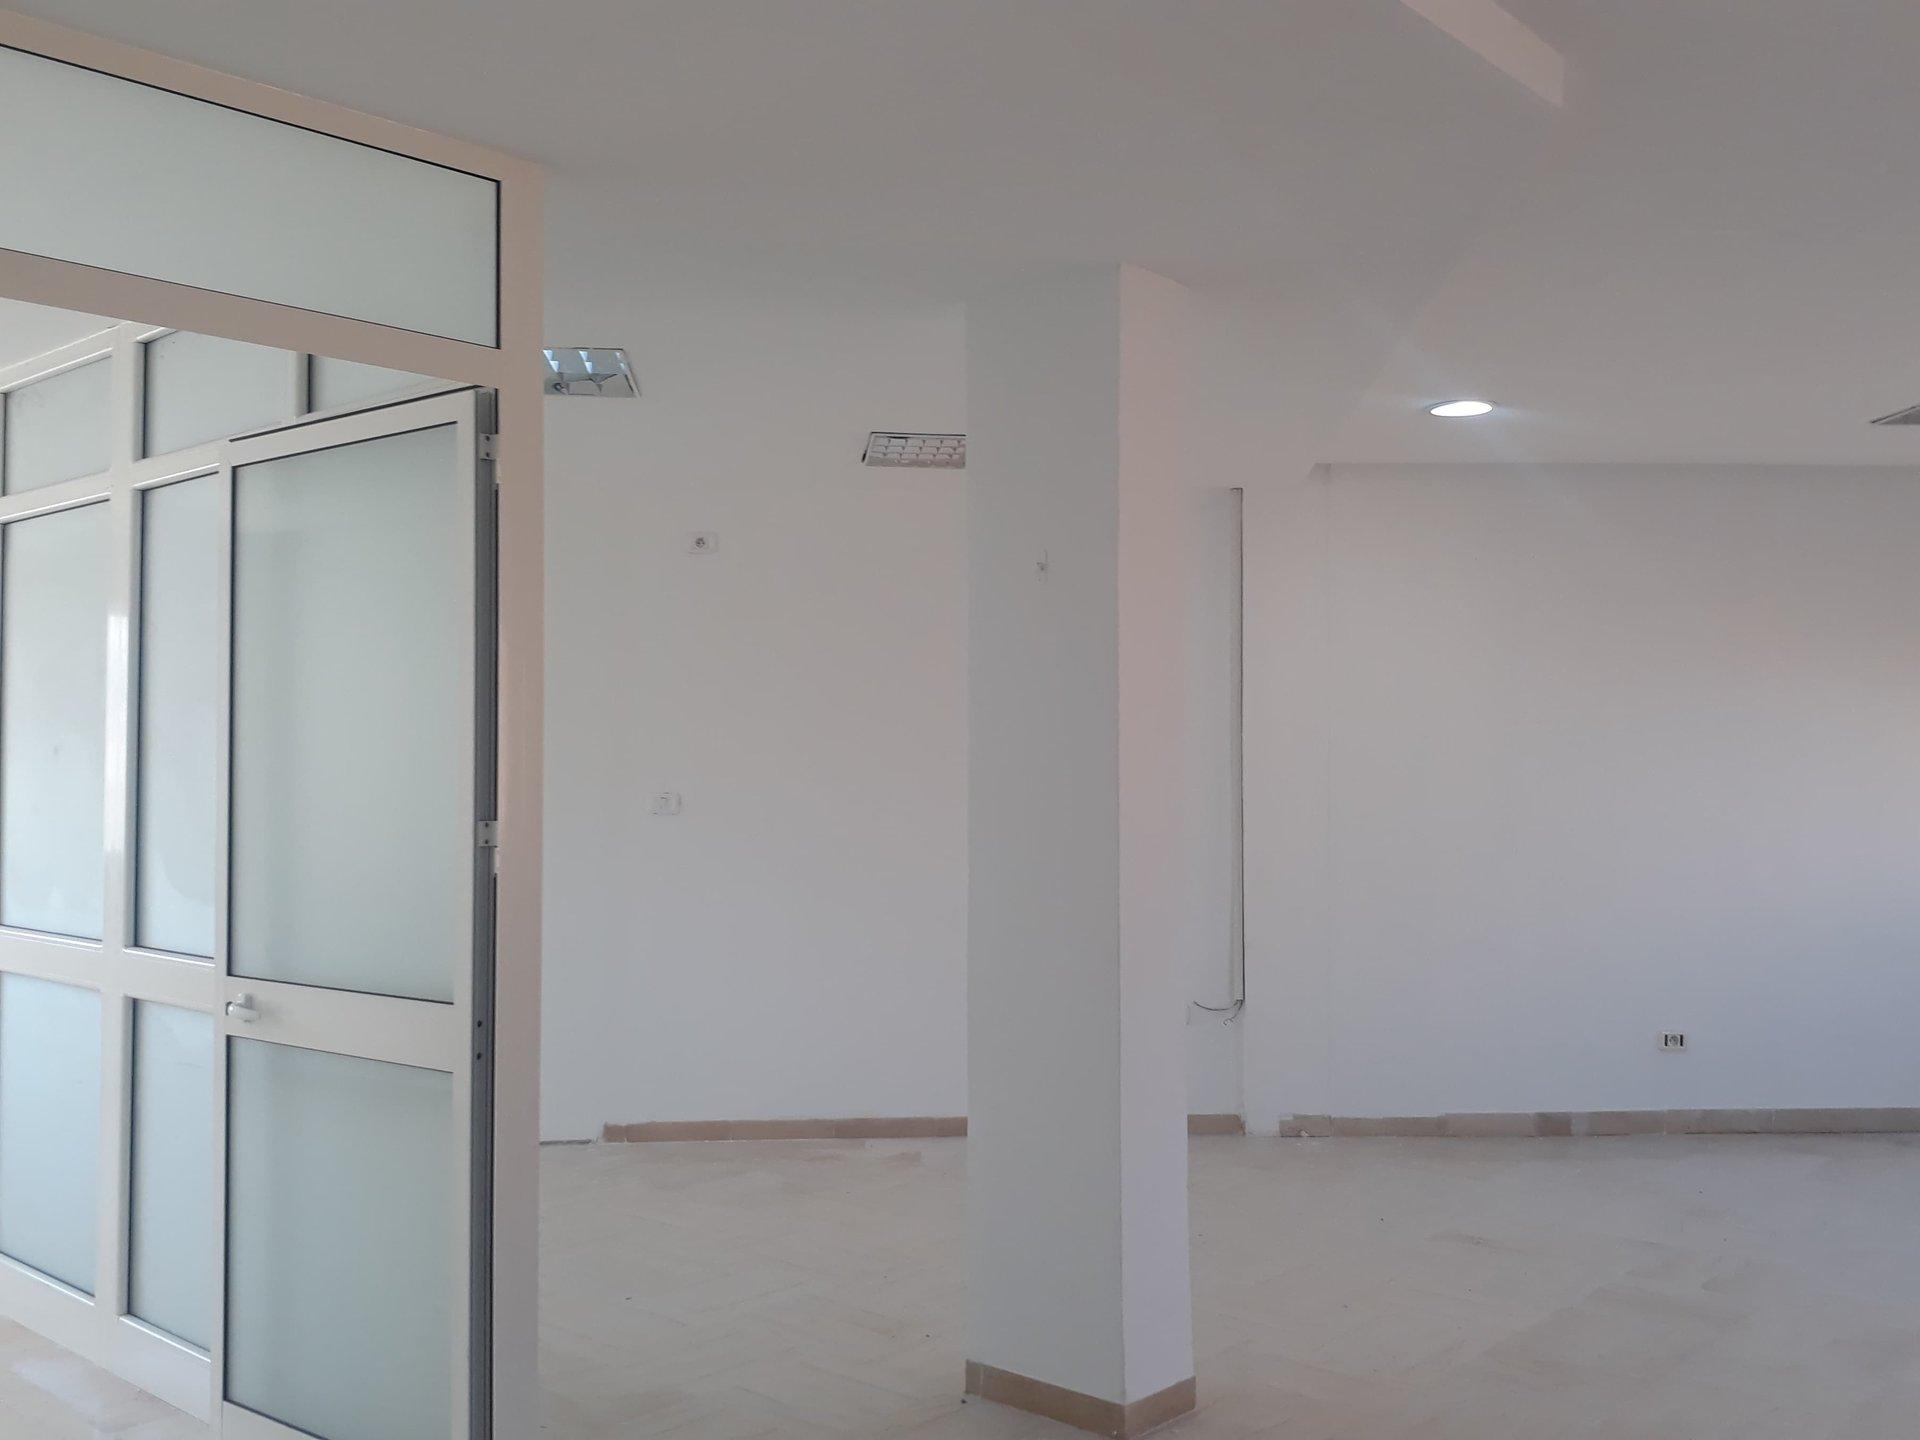 Location Bureau A+2 de 155 m² aux Berges du Lac 2